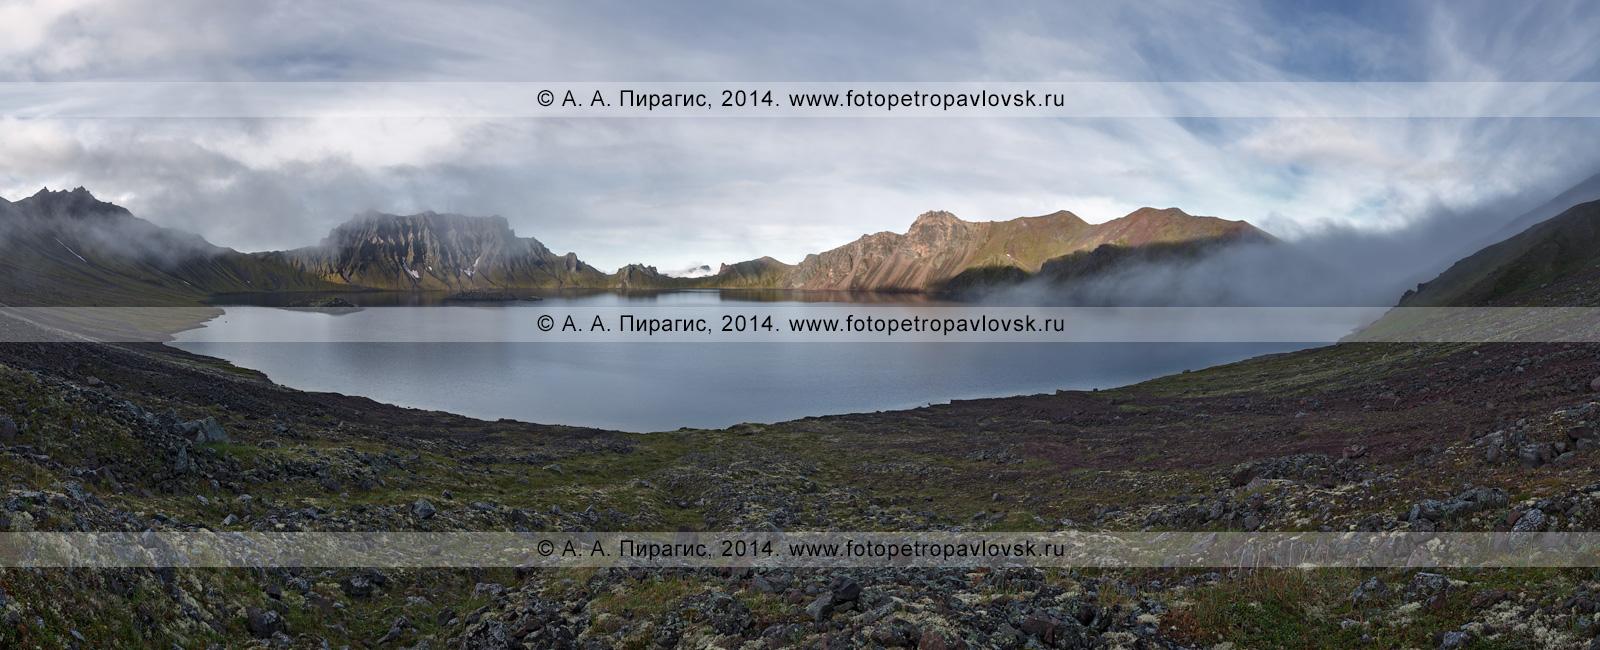 Фотография (панорама): красивый камчатский пейзаж — кратер действующего вулкана Хангар (Khangar Volcano) и кратерное озеро Хангар (озеро Кожгумк). Камчатка, Срединный хребет, Срединный вулканический пояс